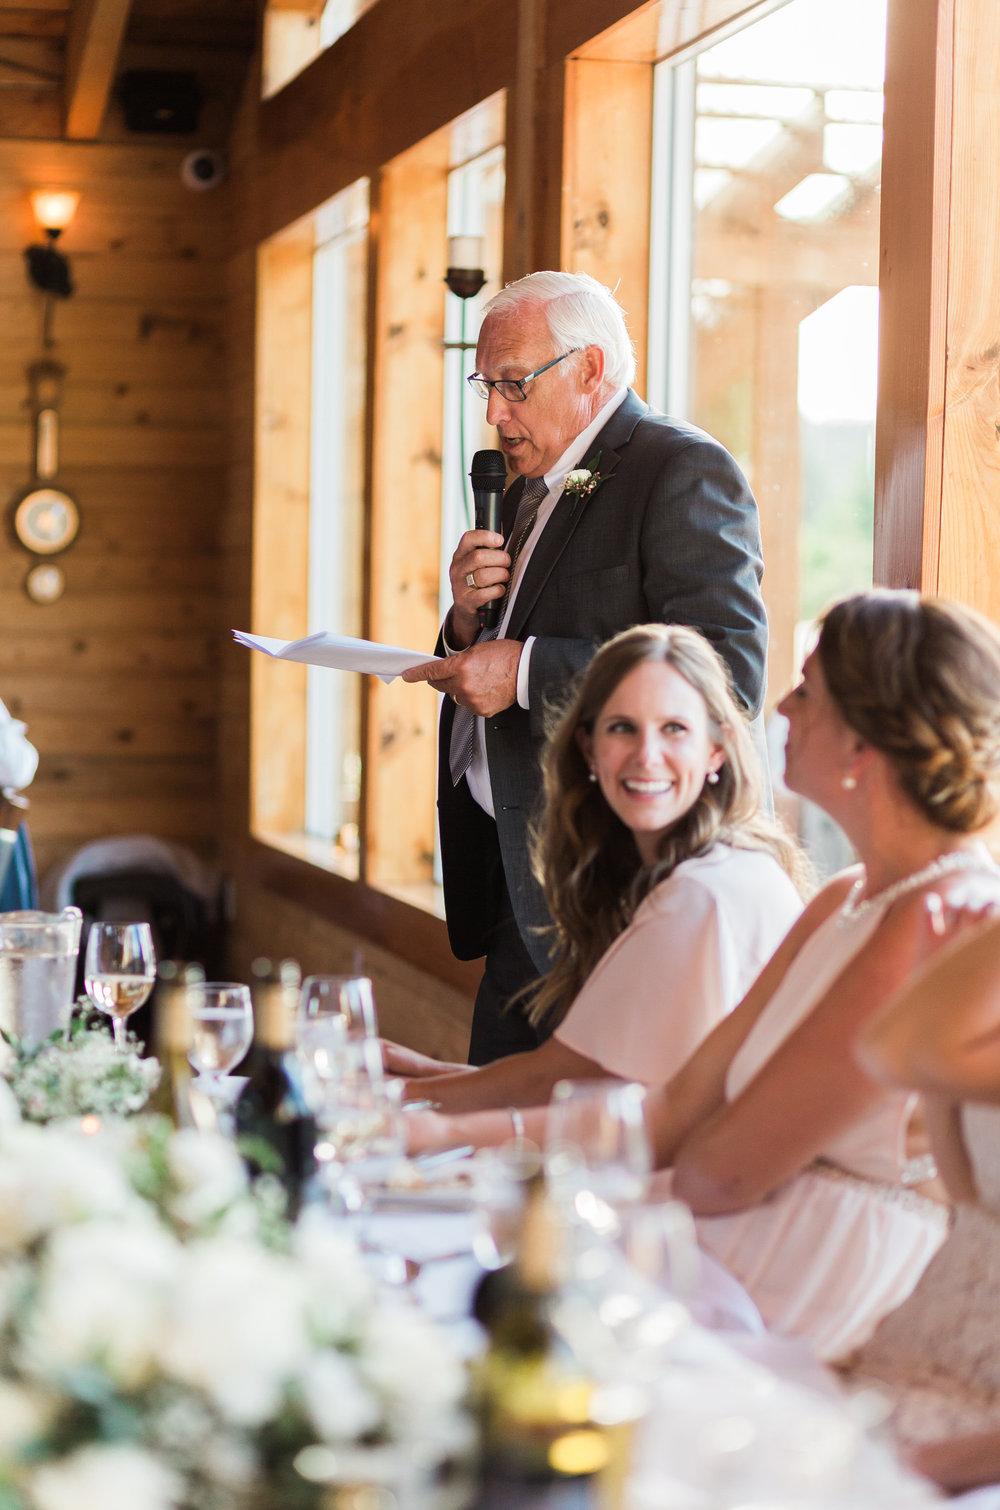 West Coast Wilderness Lodge Wedding - Jennife Picard Photography - Sunshine Coast Wedding Photographer - Vancouver Wedding Photographer - IMG_5442.jpg